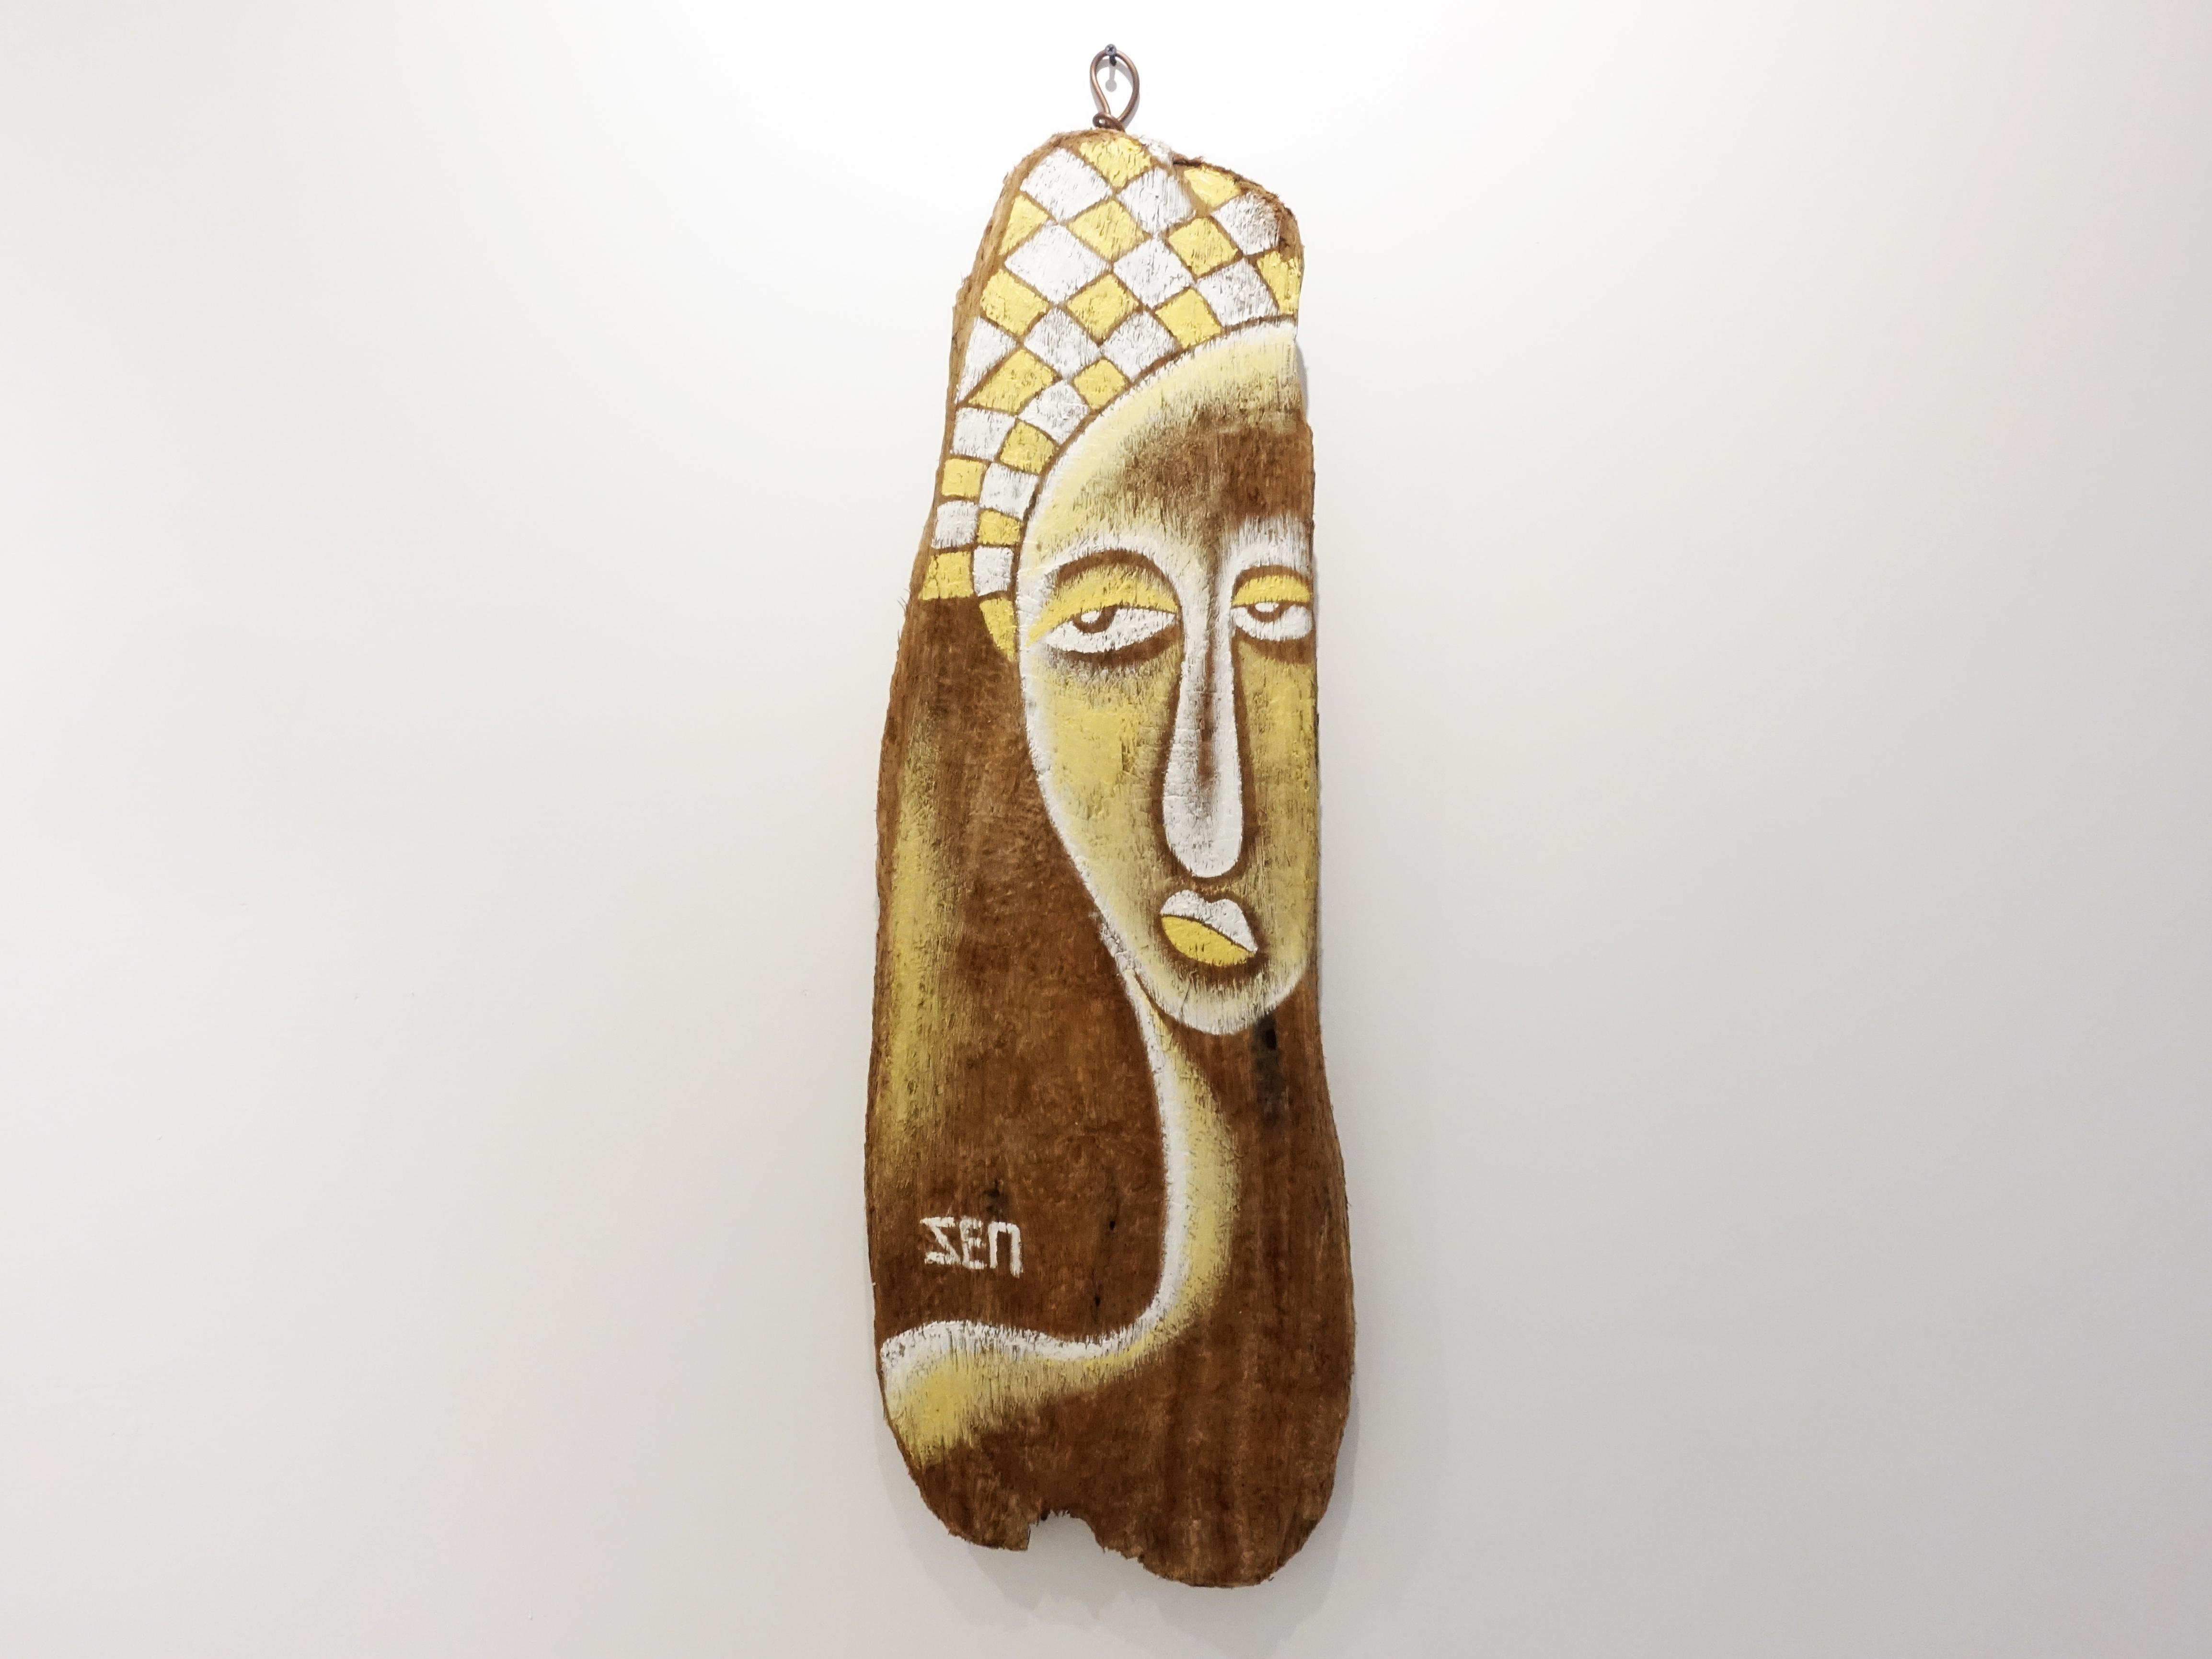 楊樹森,《姬兒》,92 x 34 cm x4,漂木油彩,2019。